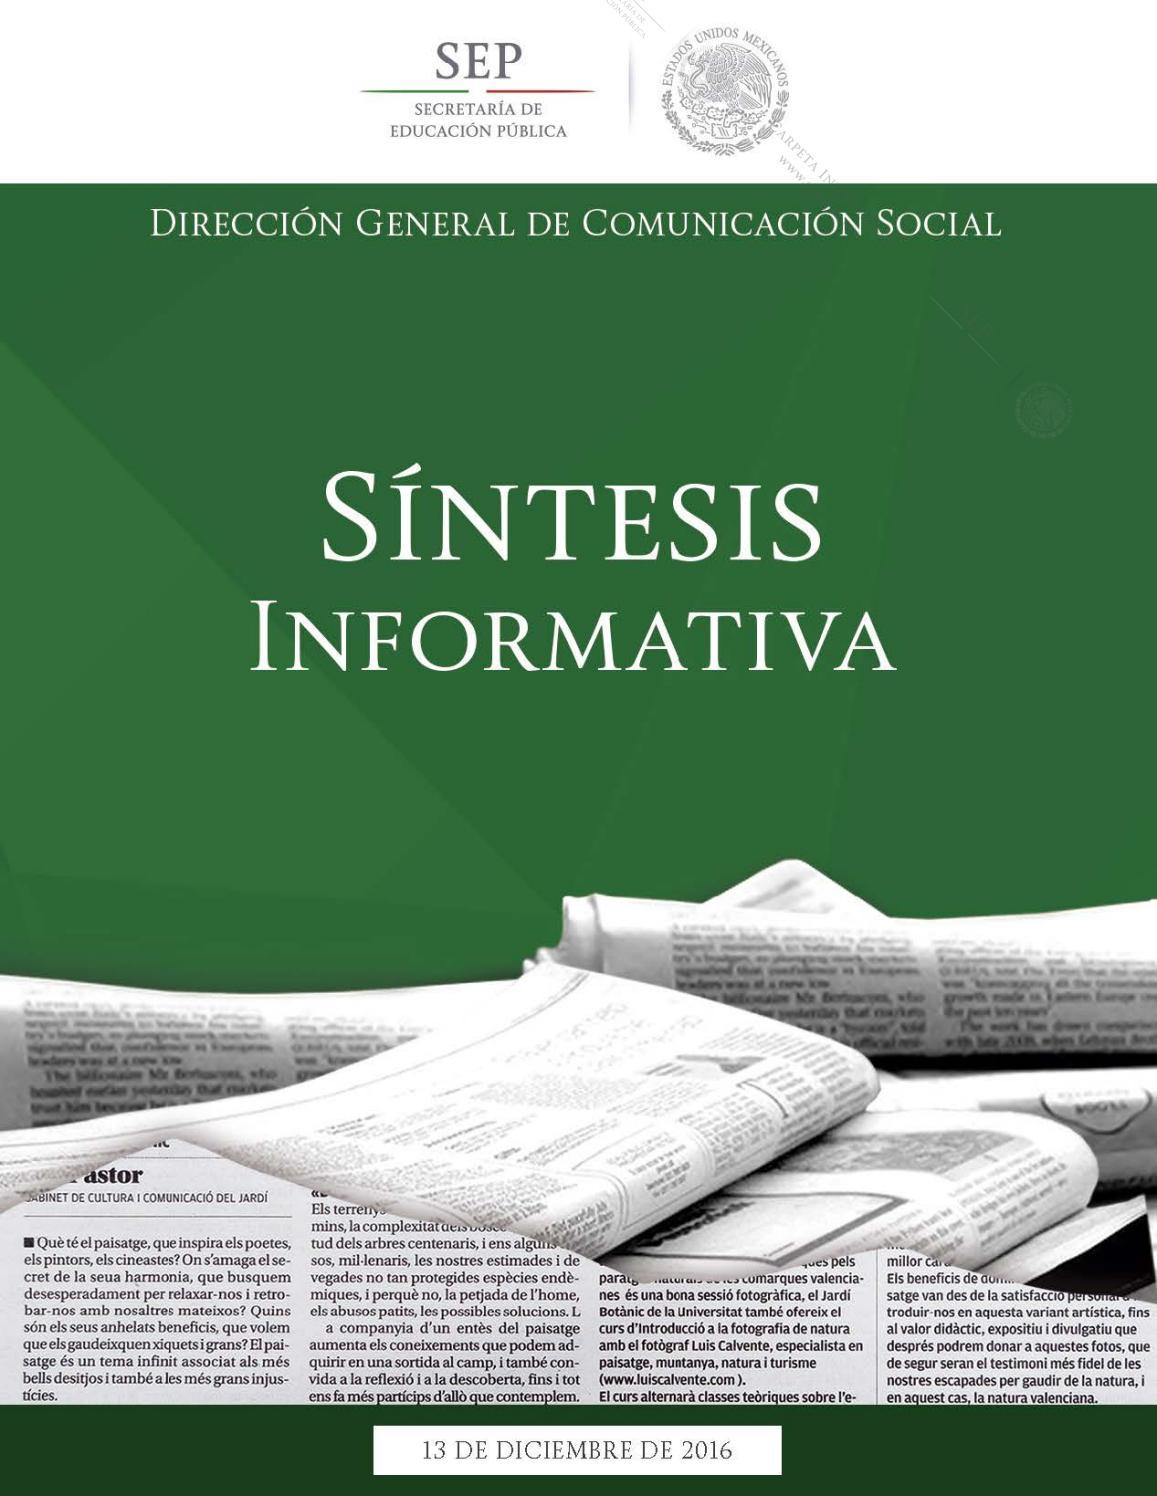 13 diciembre 2016 by Secretaría de Educación Pública - issuu